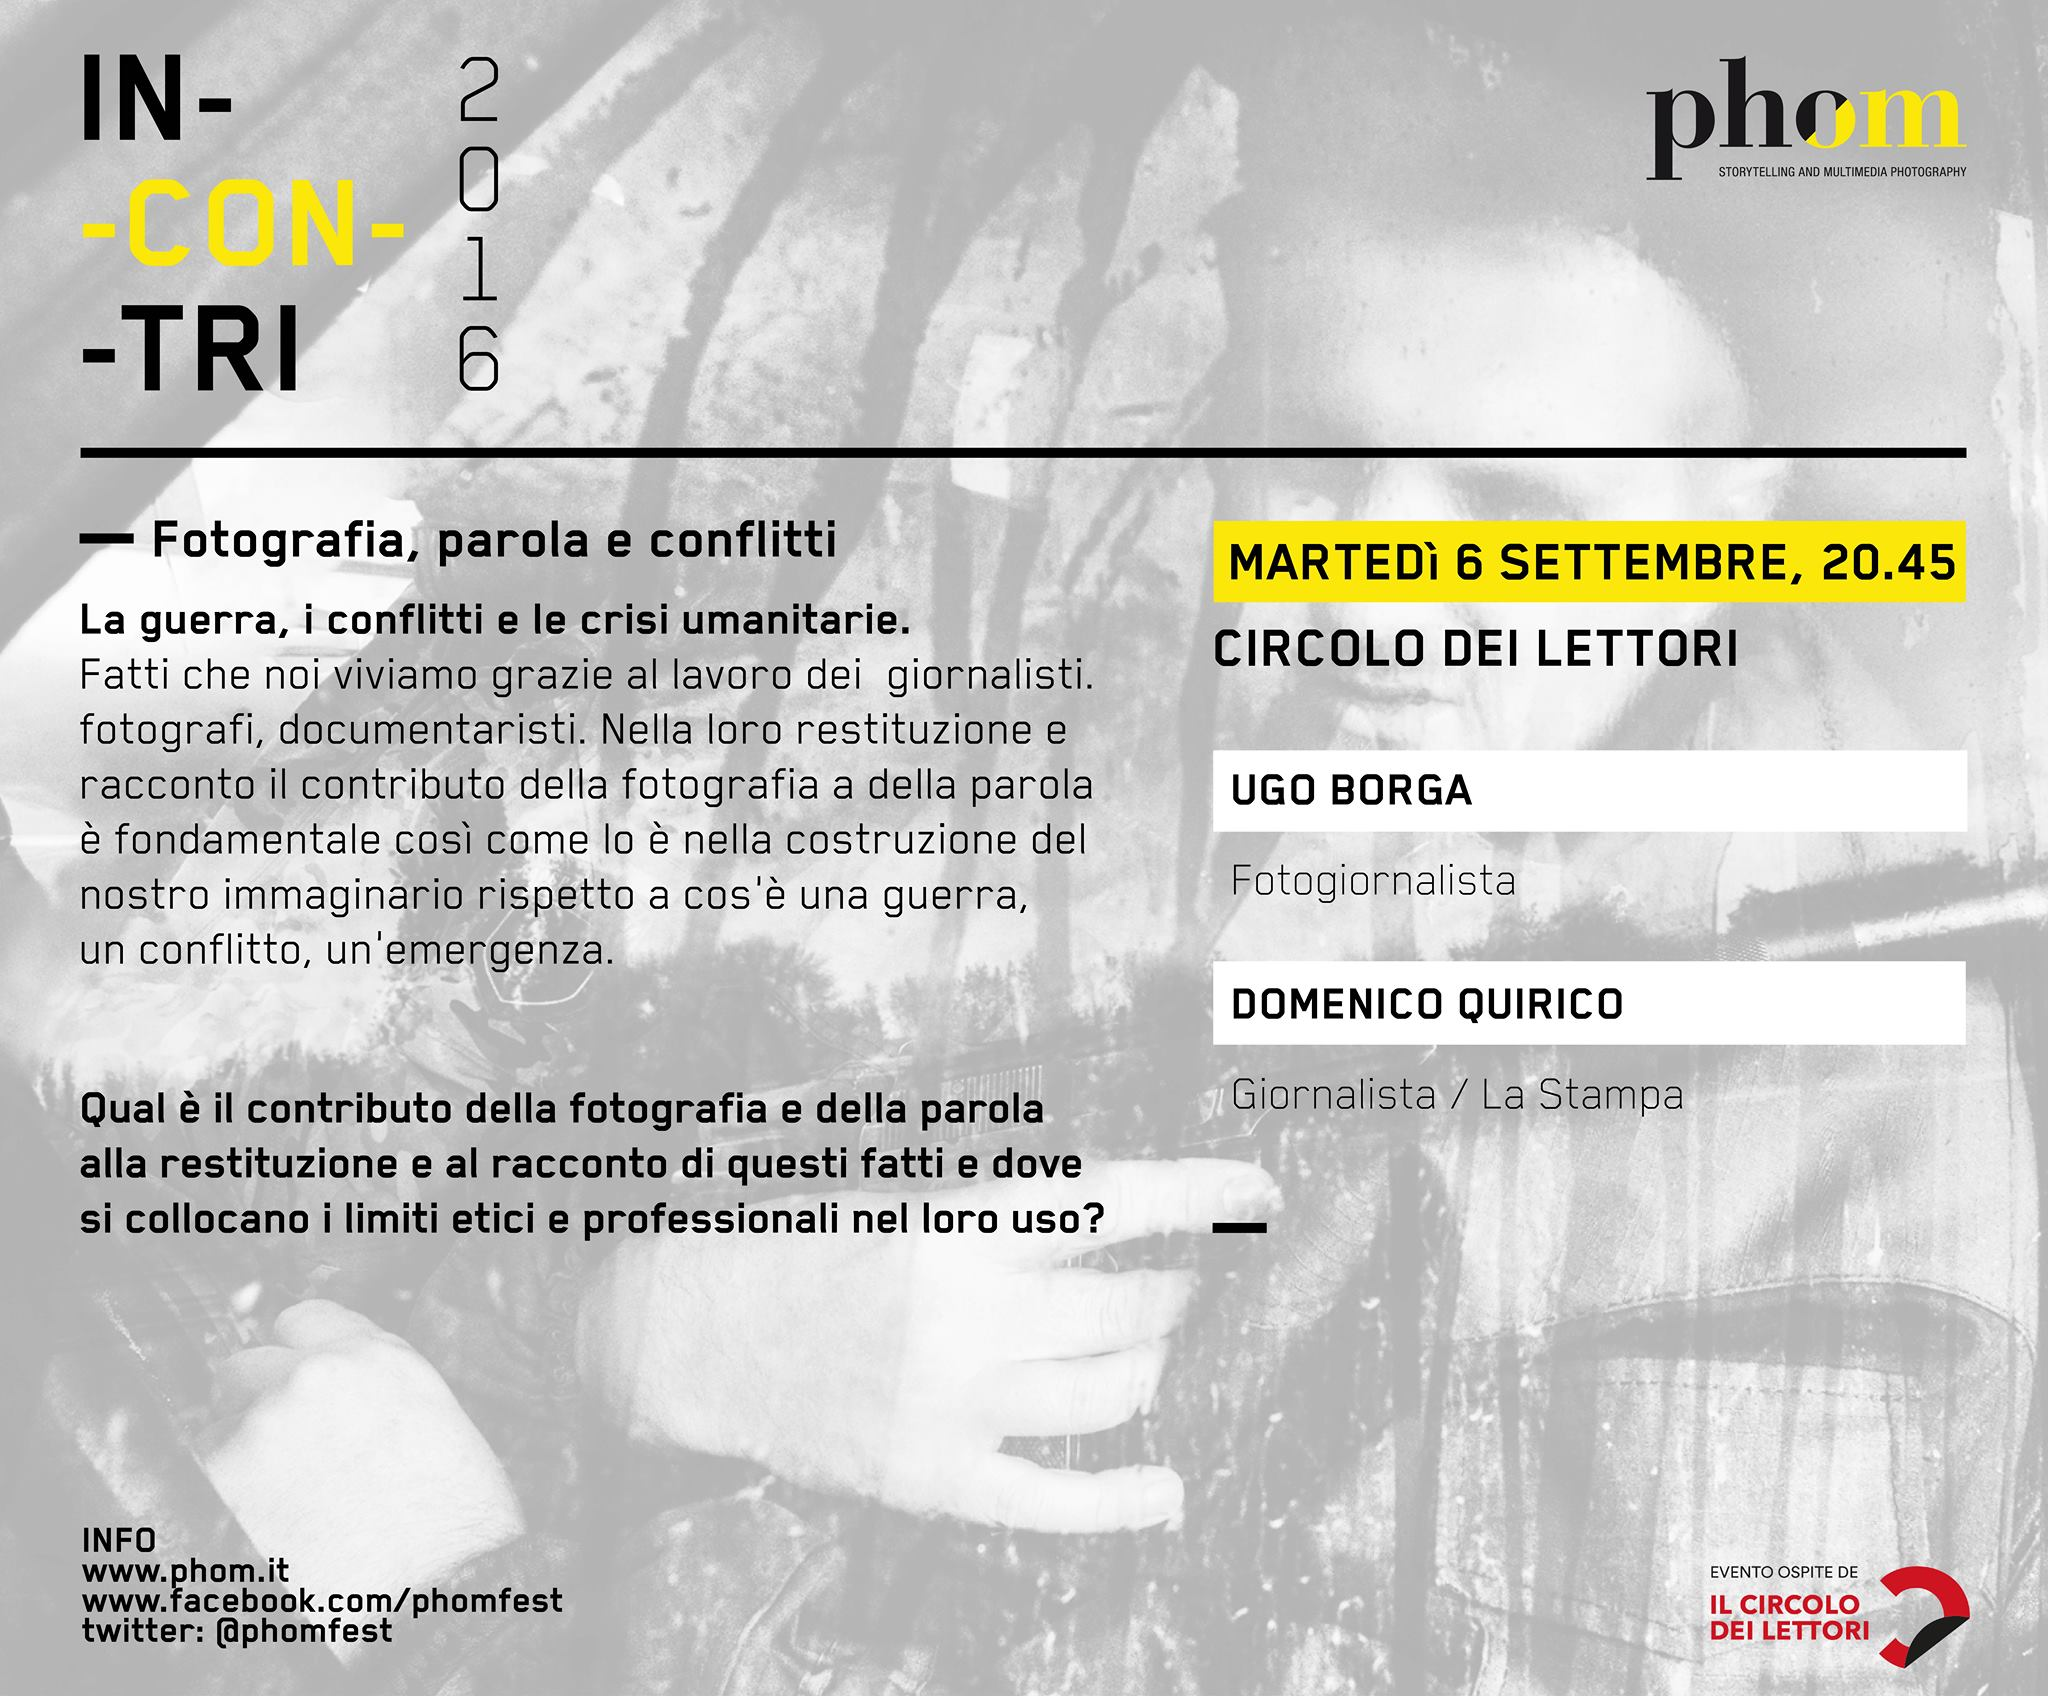 Fotografia di conflitti e guerre. Ne parlano Ugo Borga e Domenico Quirico a Torino